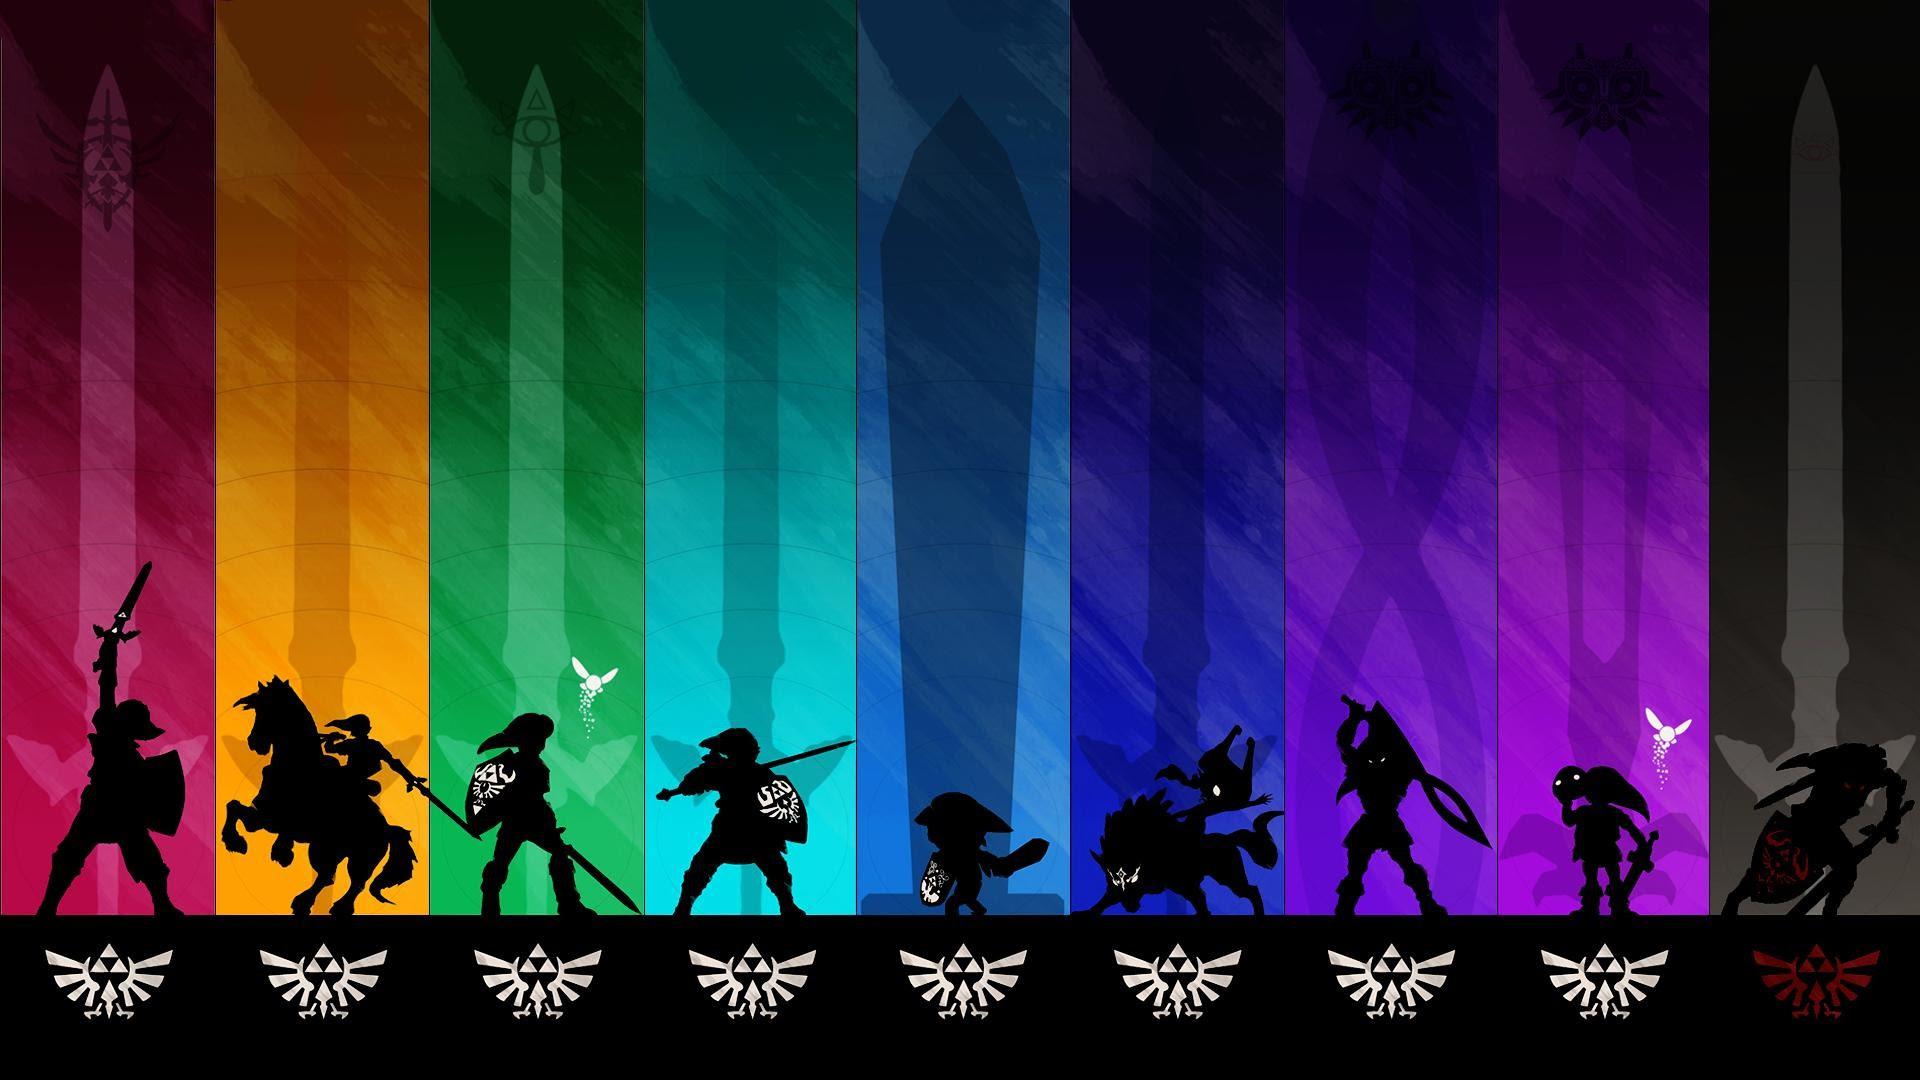 Zelda Minish Cap Wallpaper 62 Images